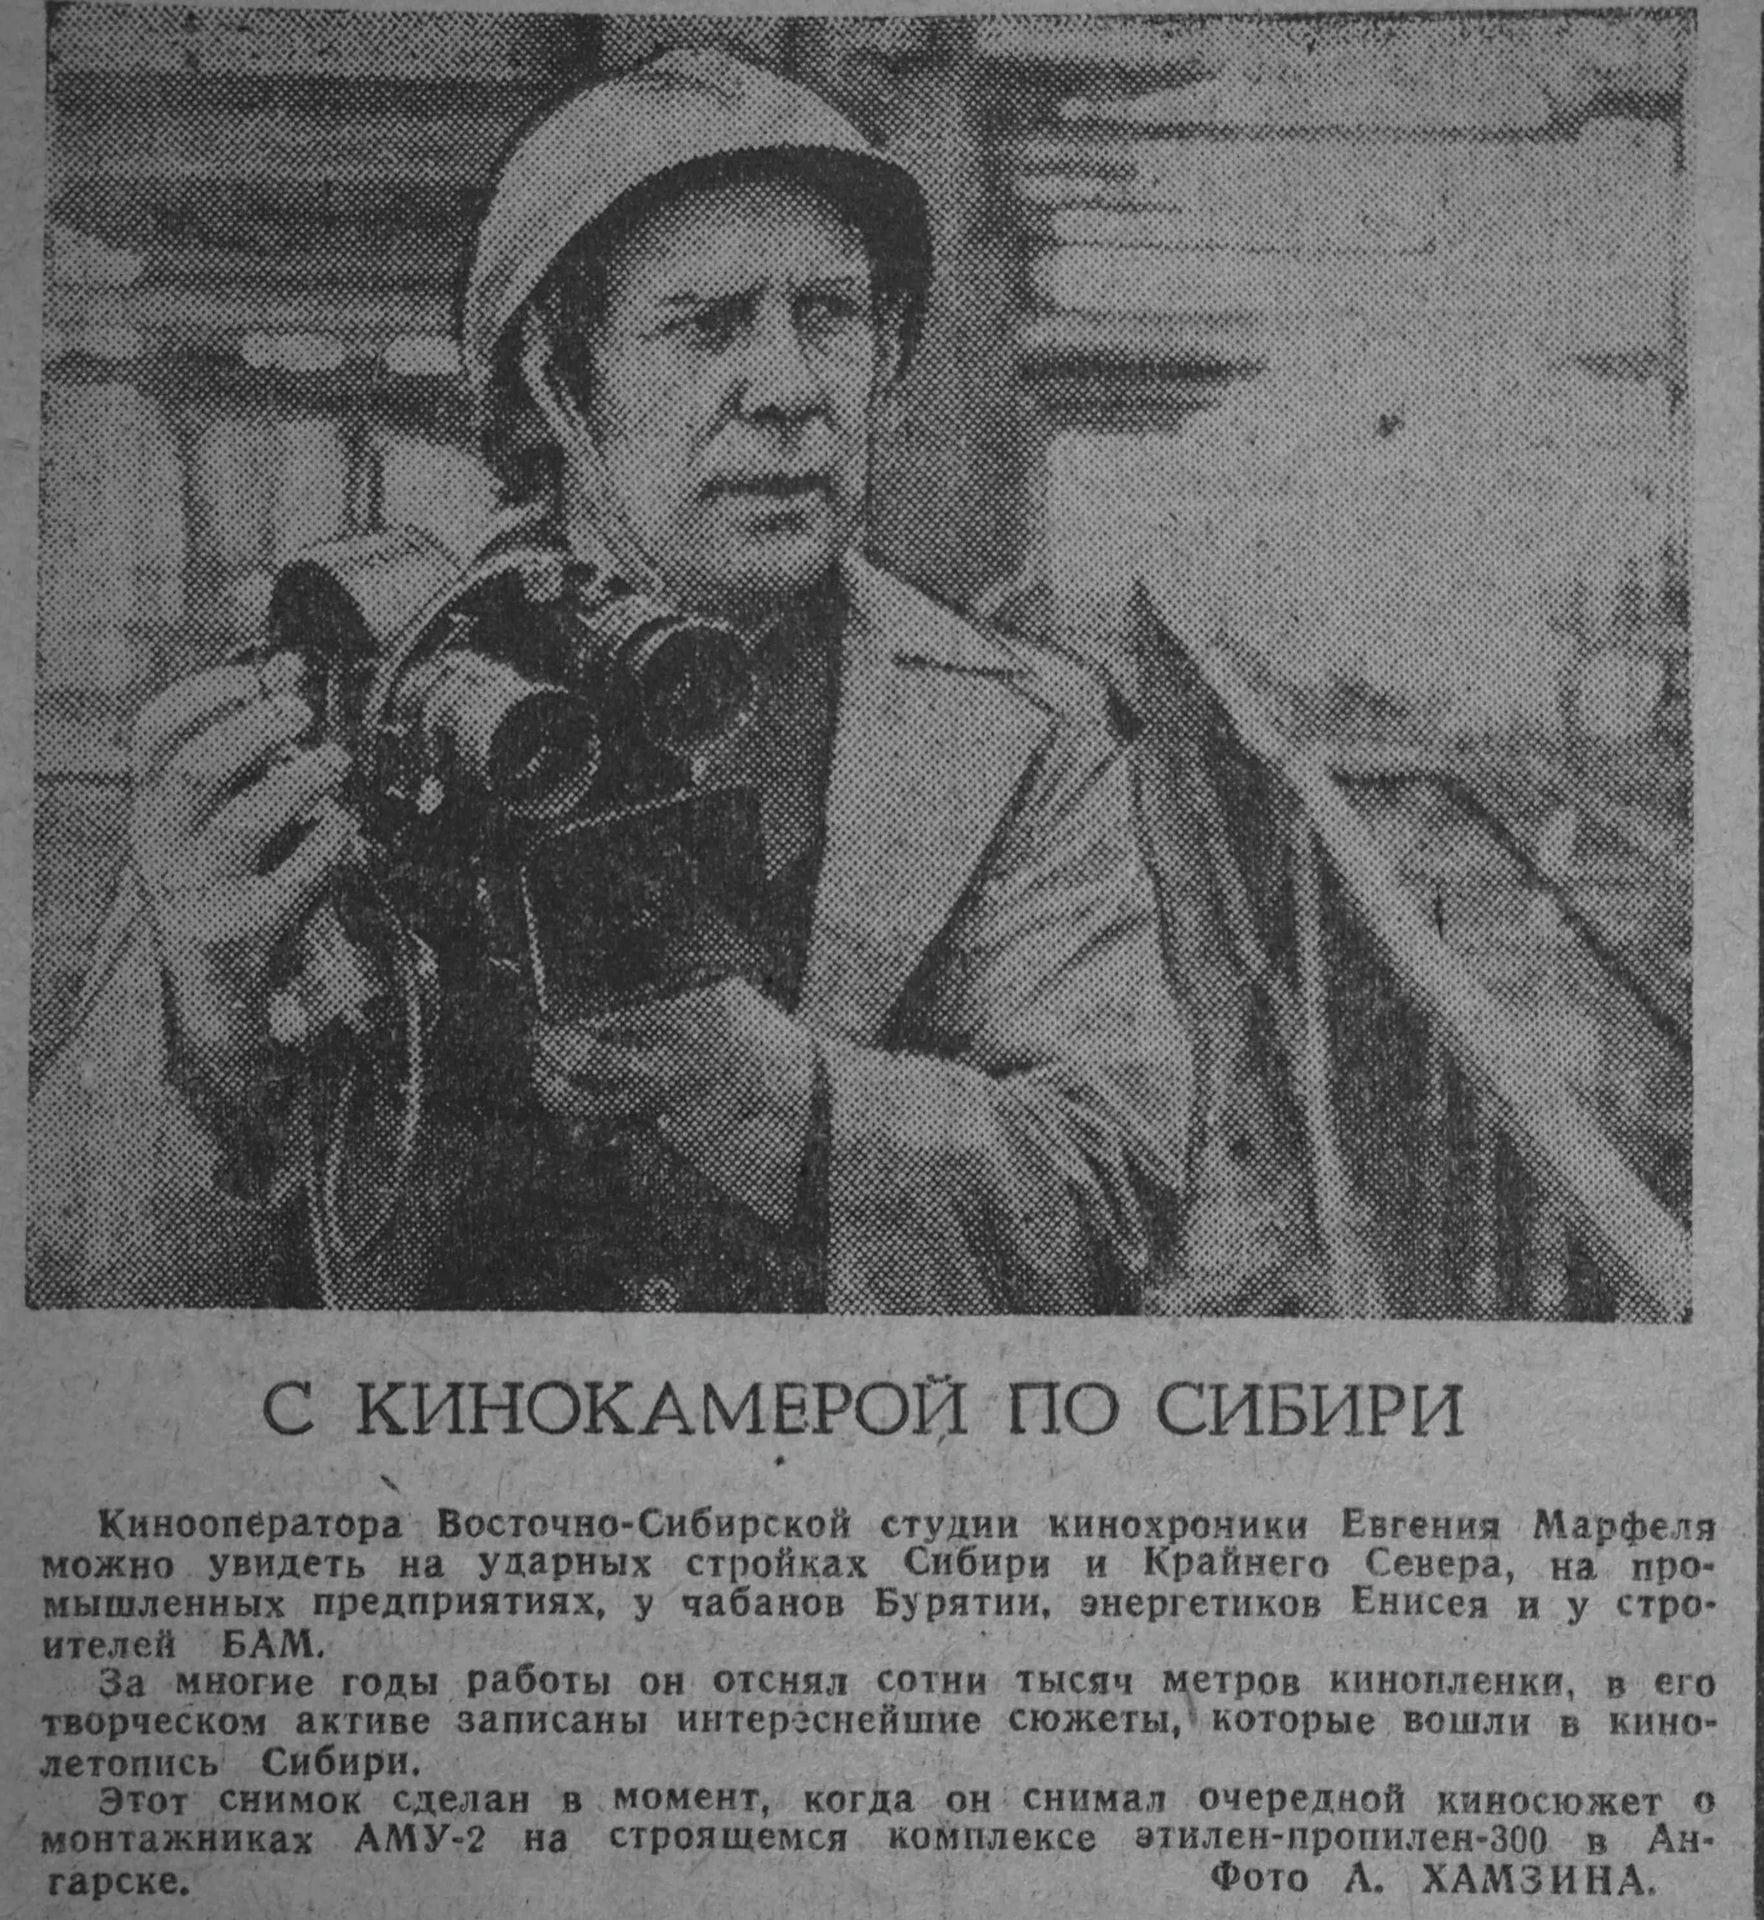 Экспонат #4. С кинокамерой по Сибири